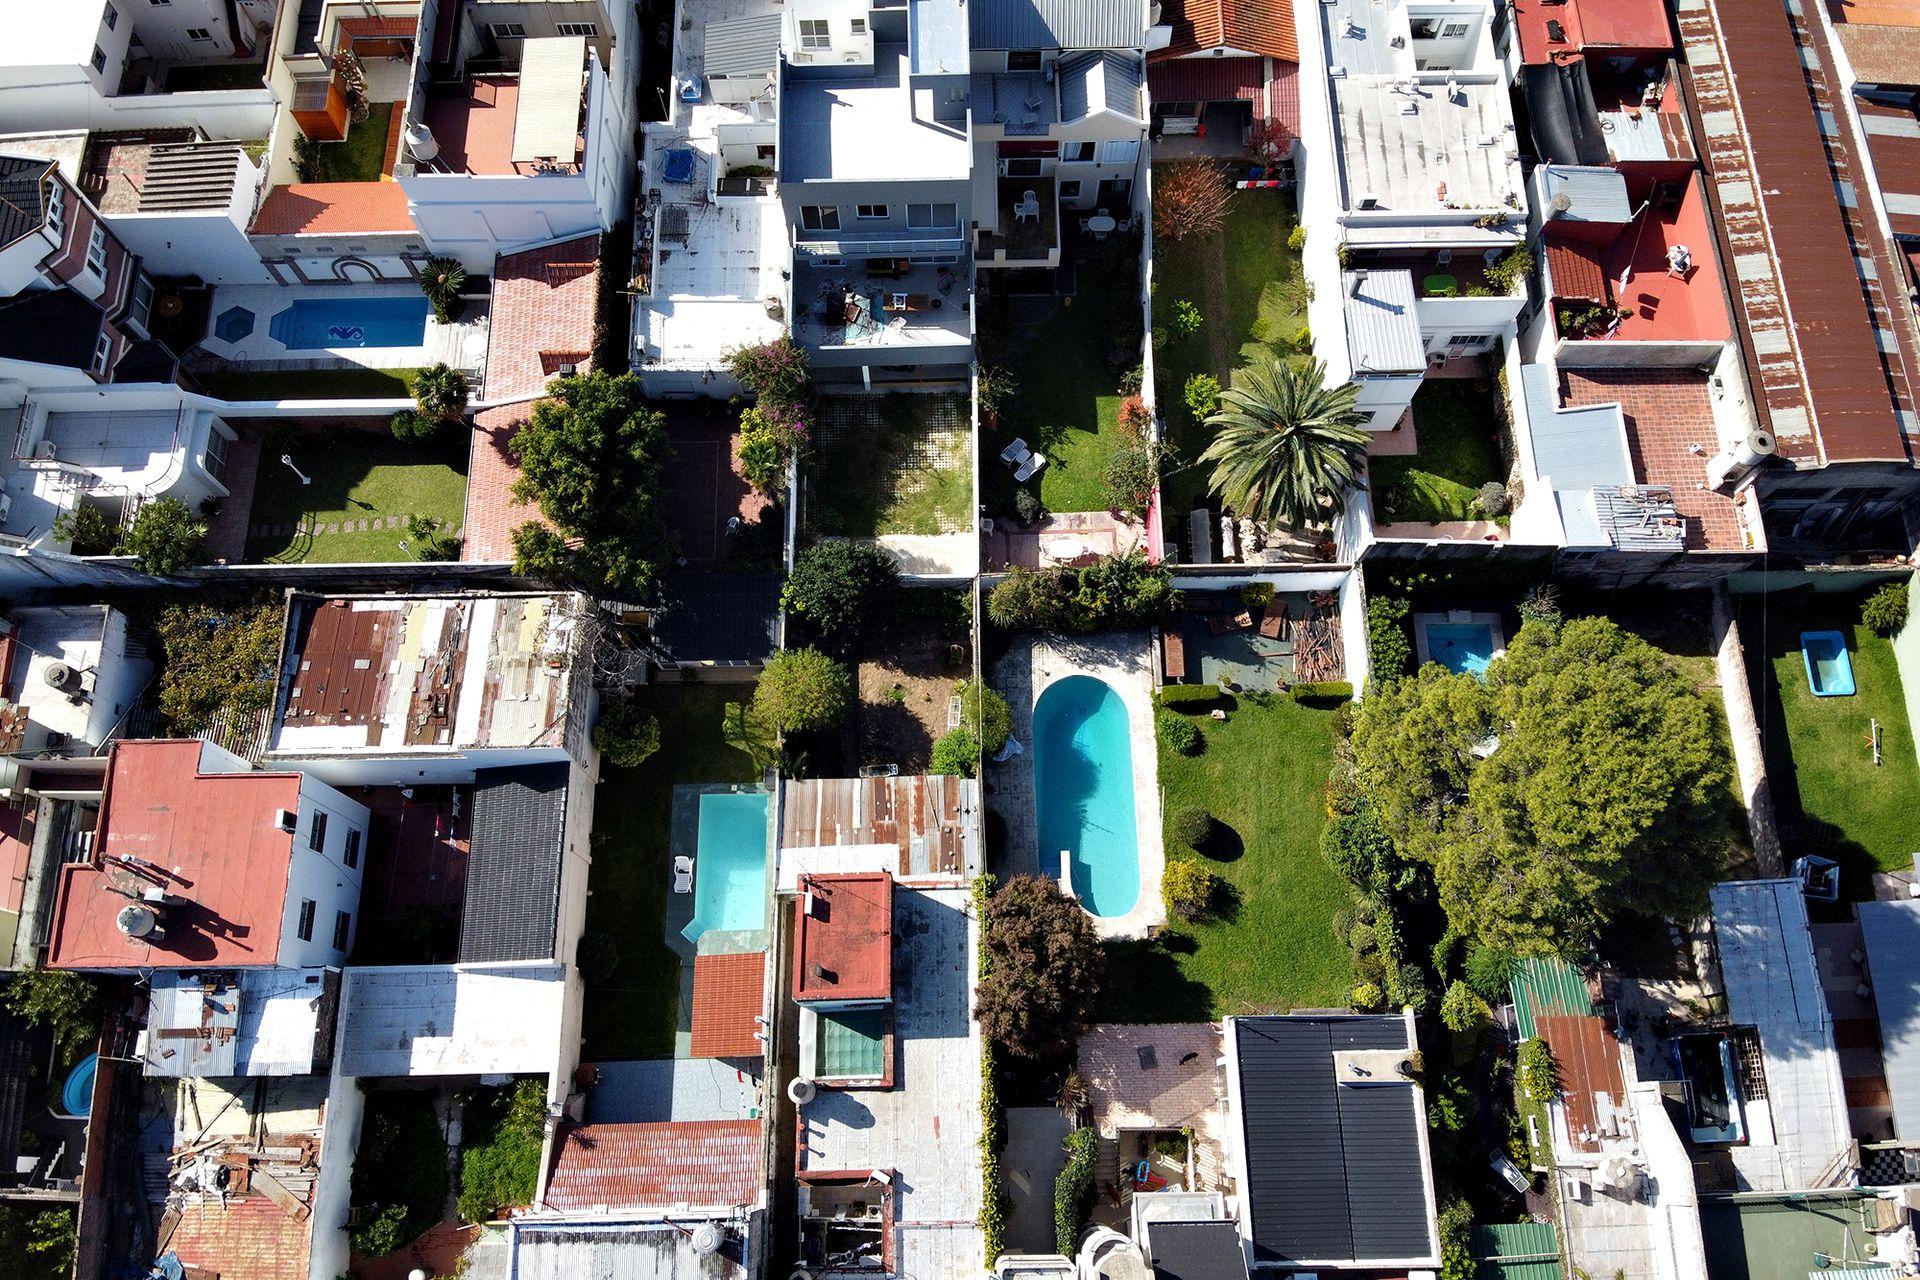 Es un barrio de casas bajas y es muy tranquilo a pesara de estar cerca de la General Paz